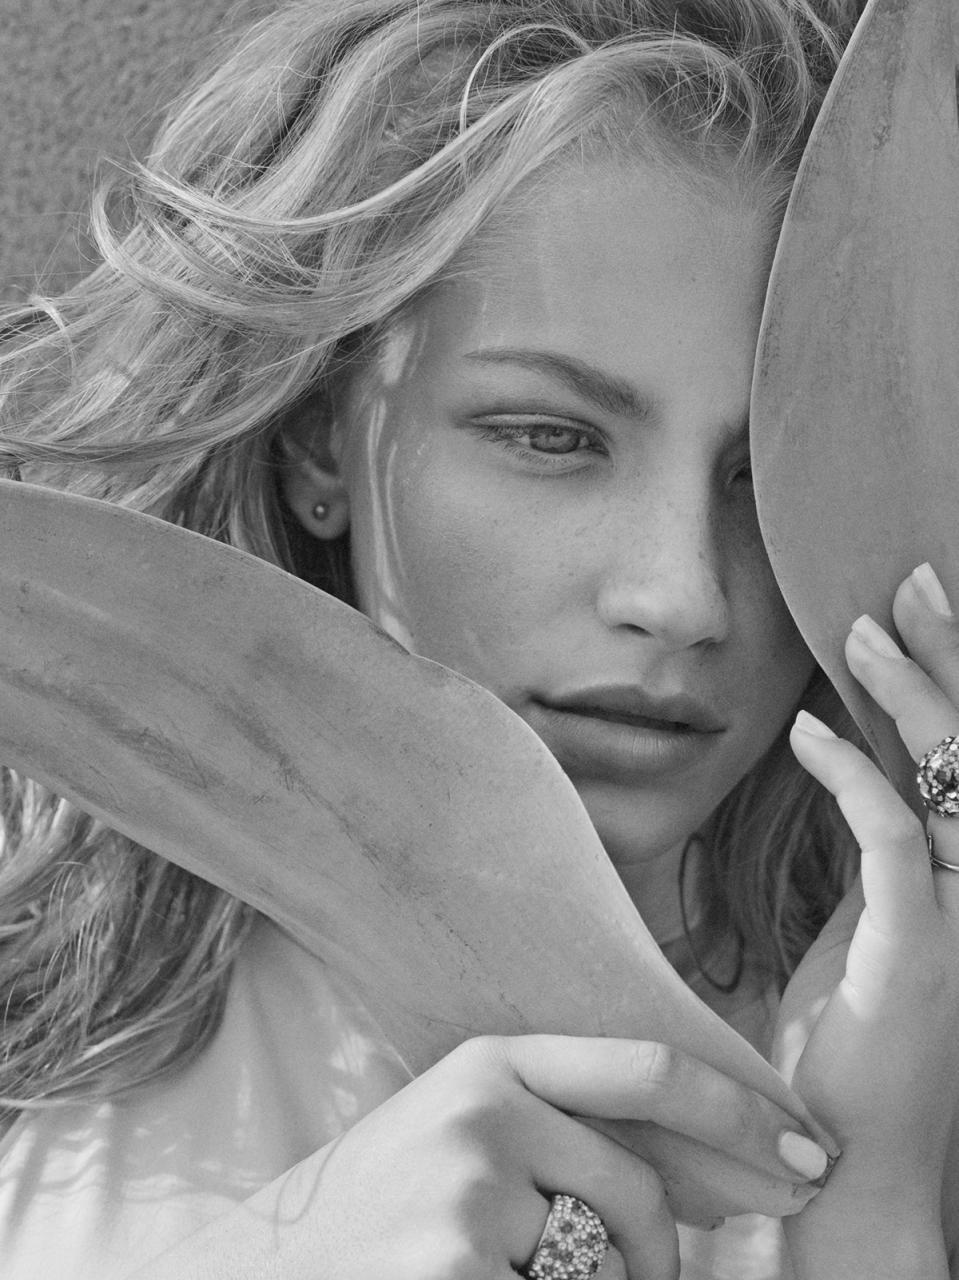 俄罗斯摄影师Elena Iv-skaya 人像摄影作品 审美灵感 第10张